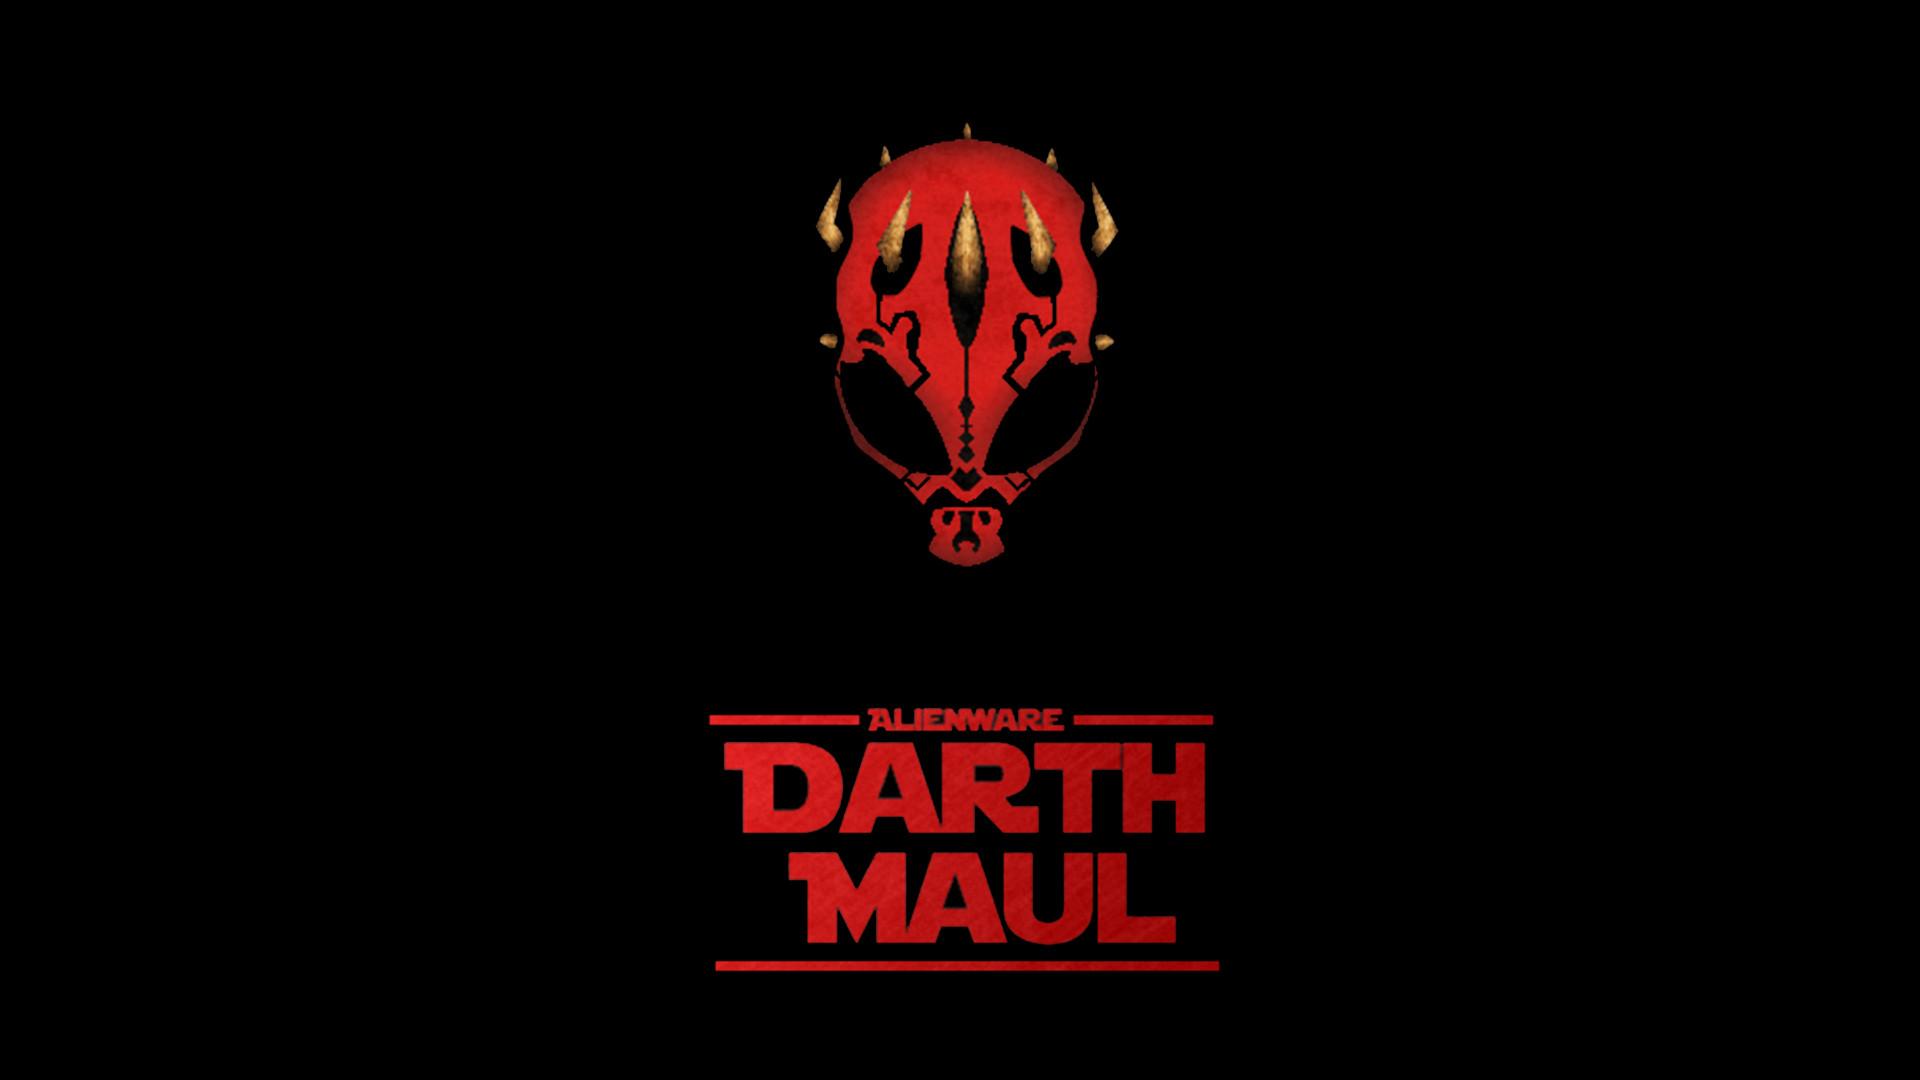 <b>HD Darth Maul Wallpaper</b>, 40 <b>